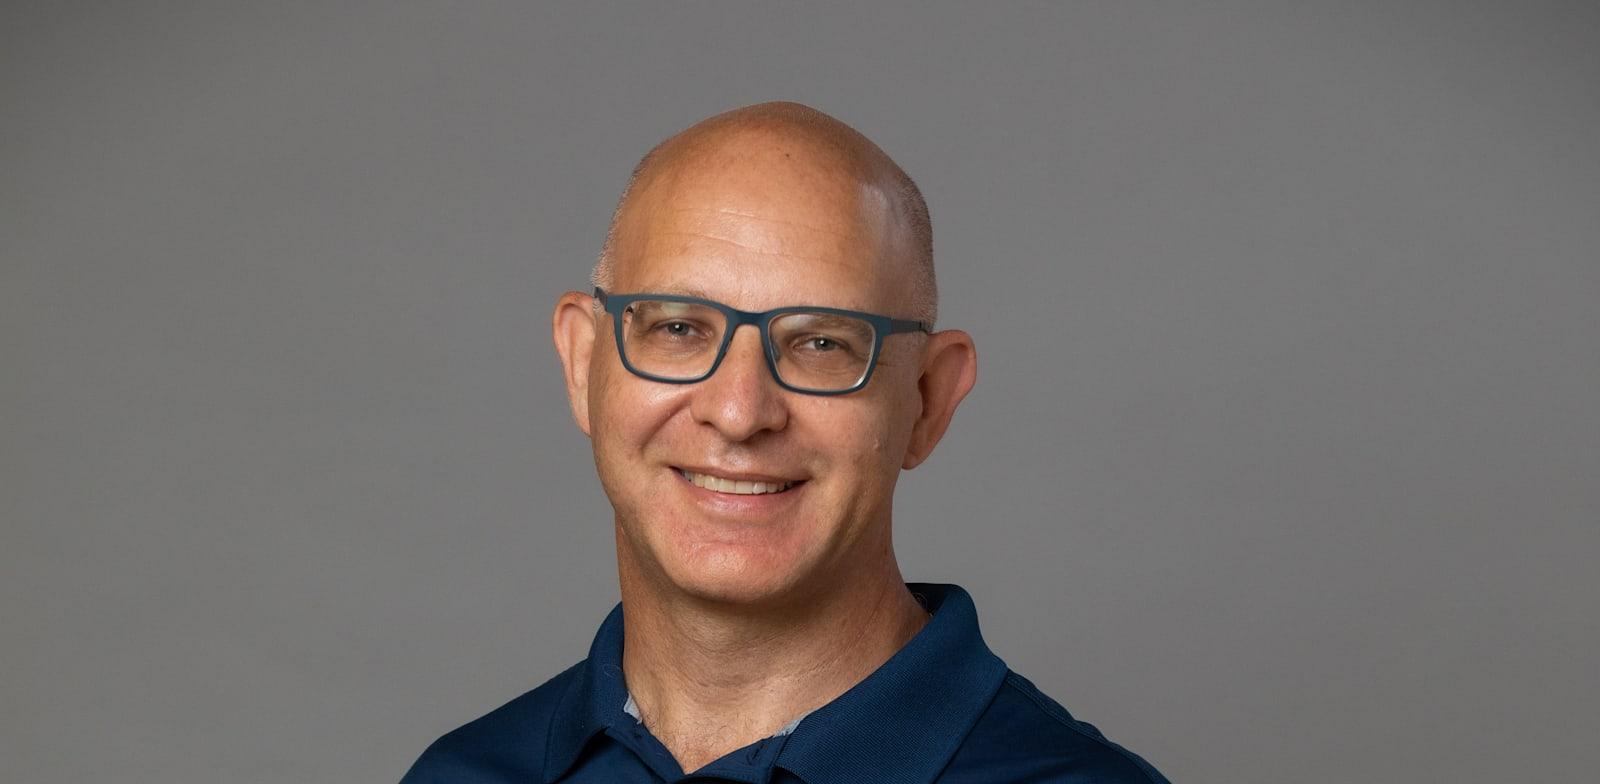 פרופ' יובל דורפן, ראש המכון לביולוגיה סינטטית במרכז הבינתחומי / צילום: גלעד קולורצ'יק